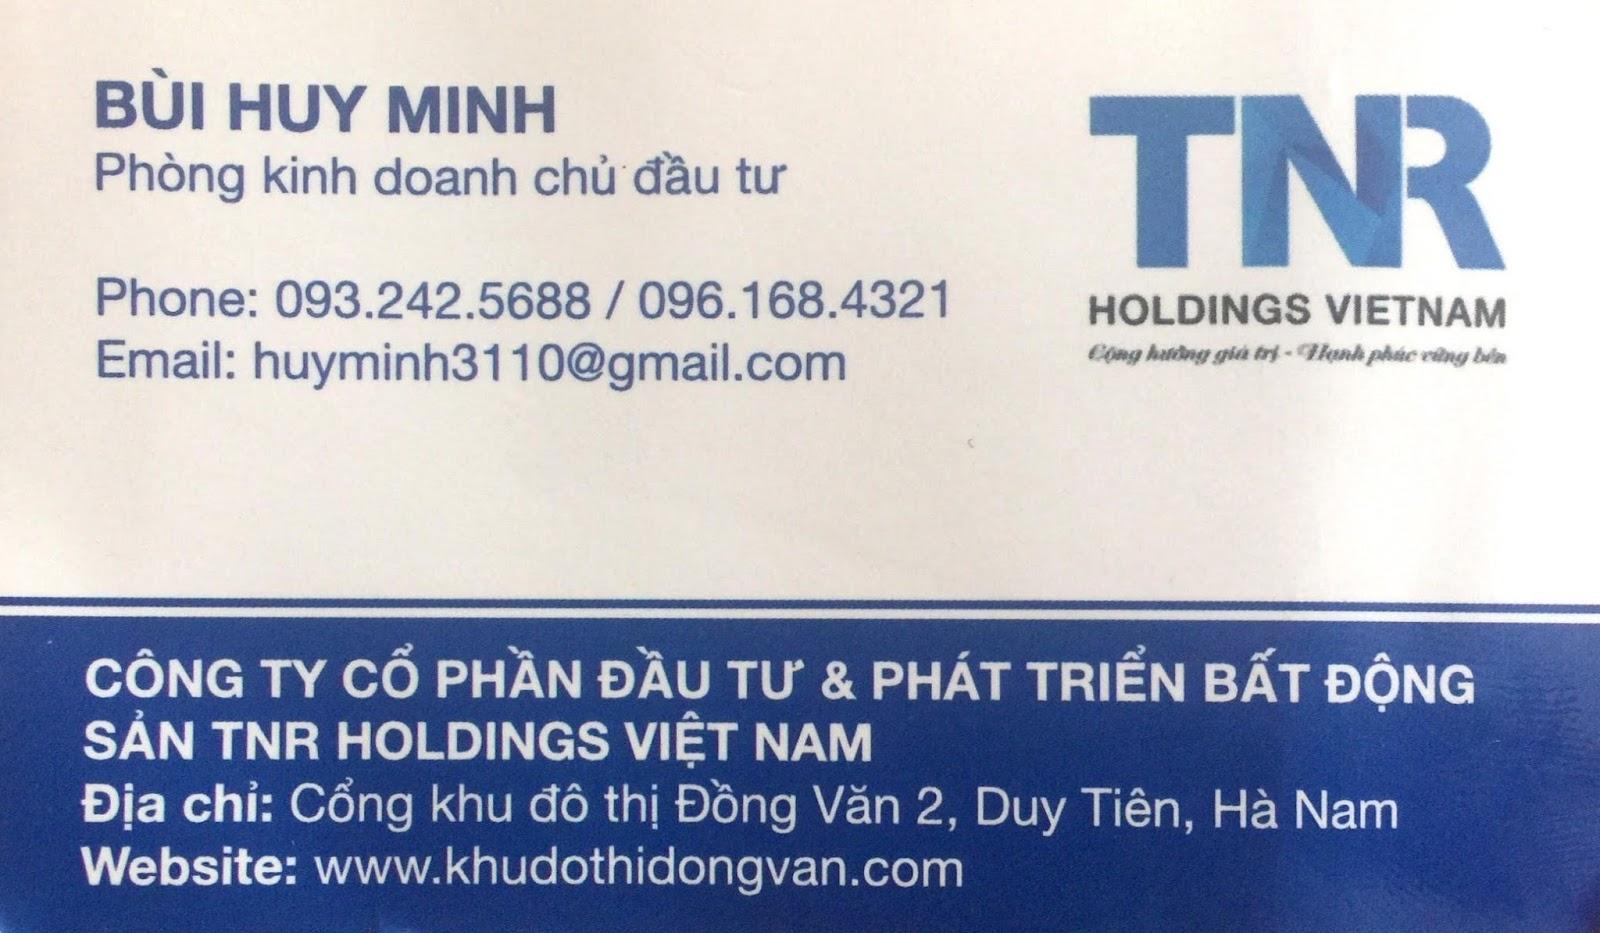 Khu đô thị Đồng Văn 2